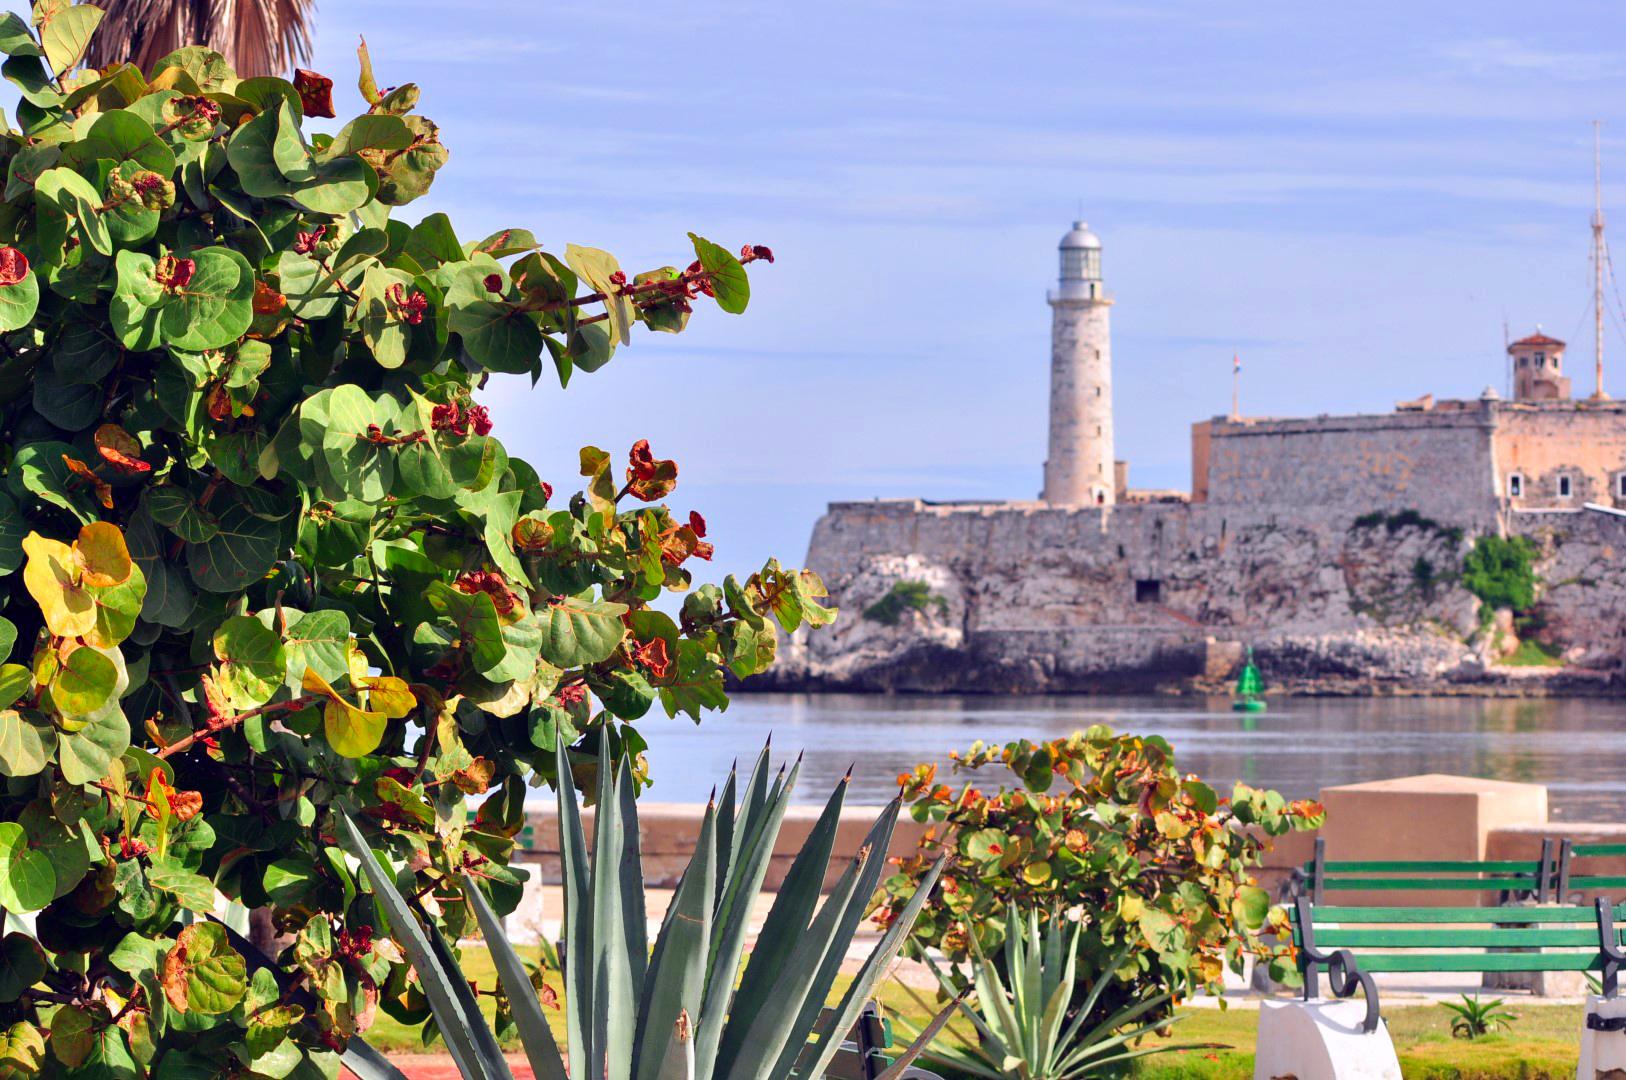 Qué ver en La Habana, Cuba qué ver en la habana, cuba - 30472653123 6f04fb9dbd o - Qué ver en La Habana, Cuba